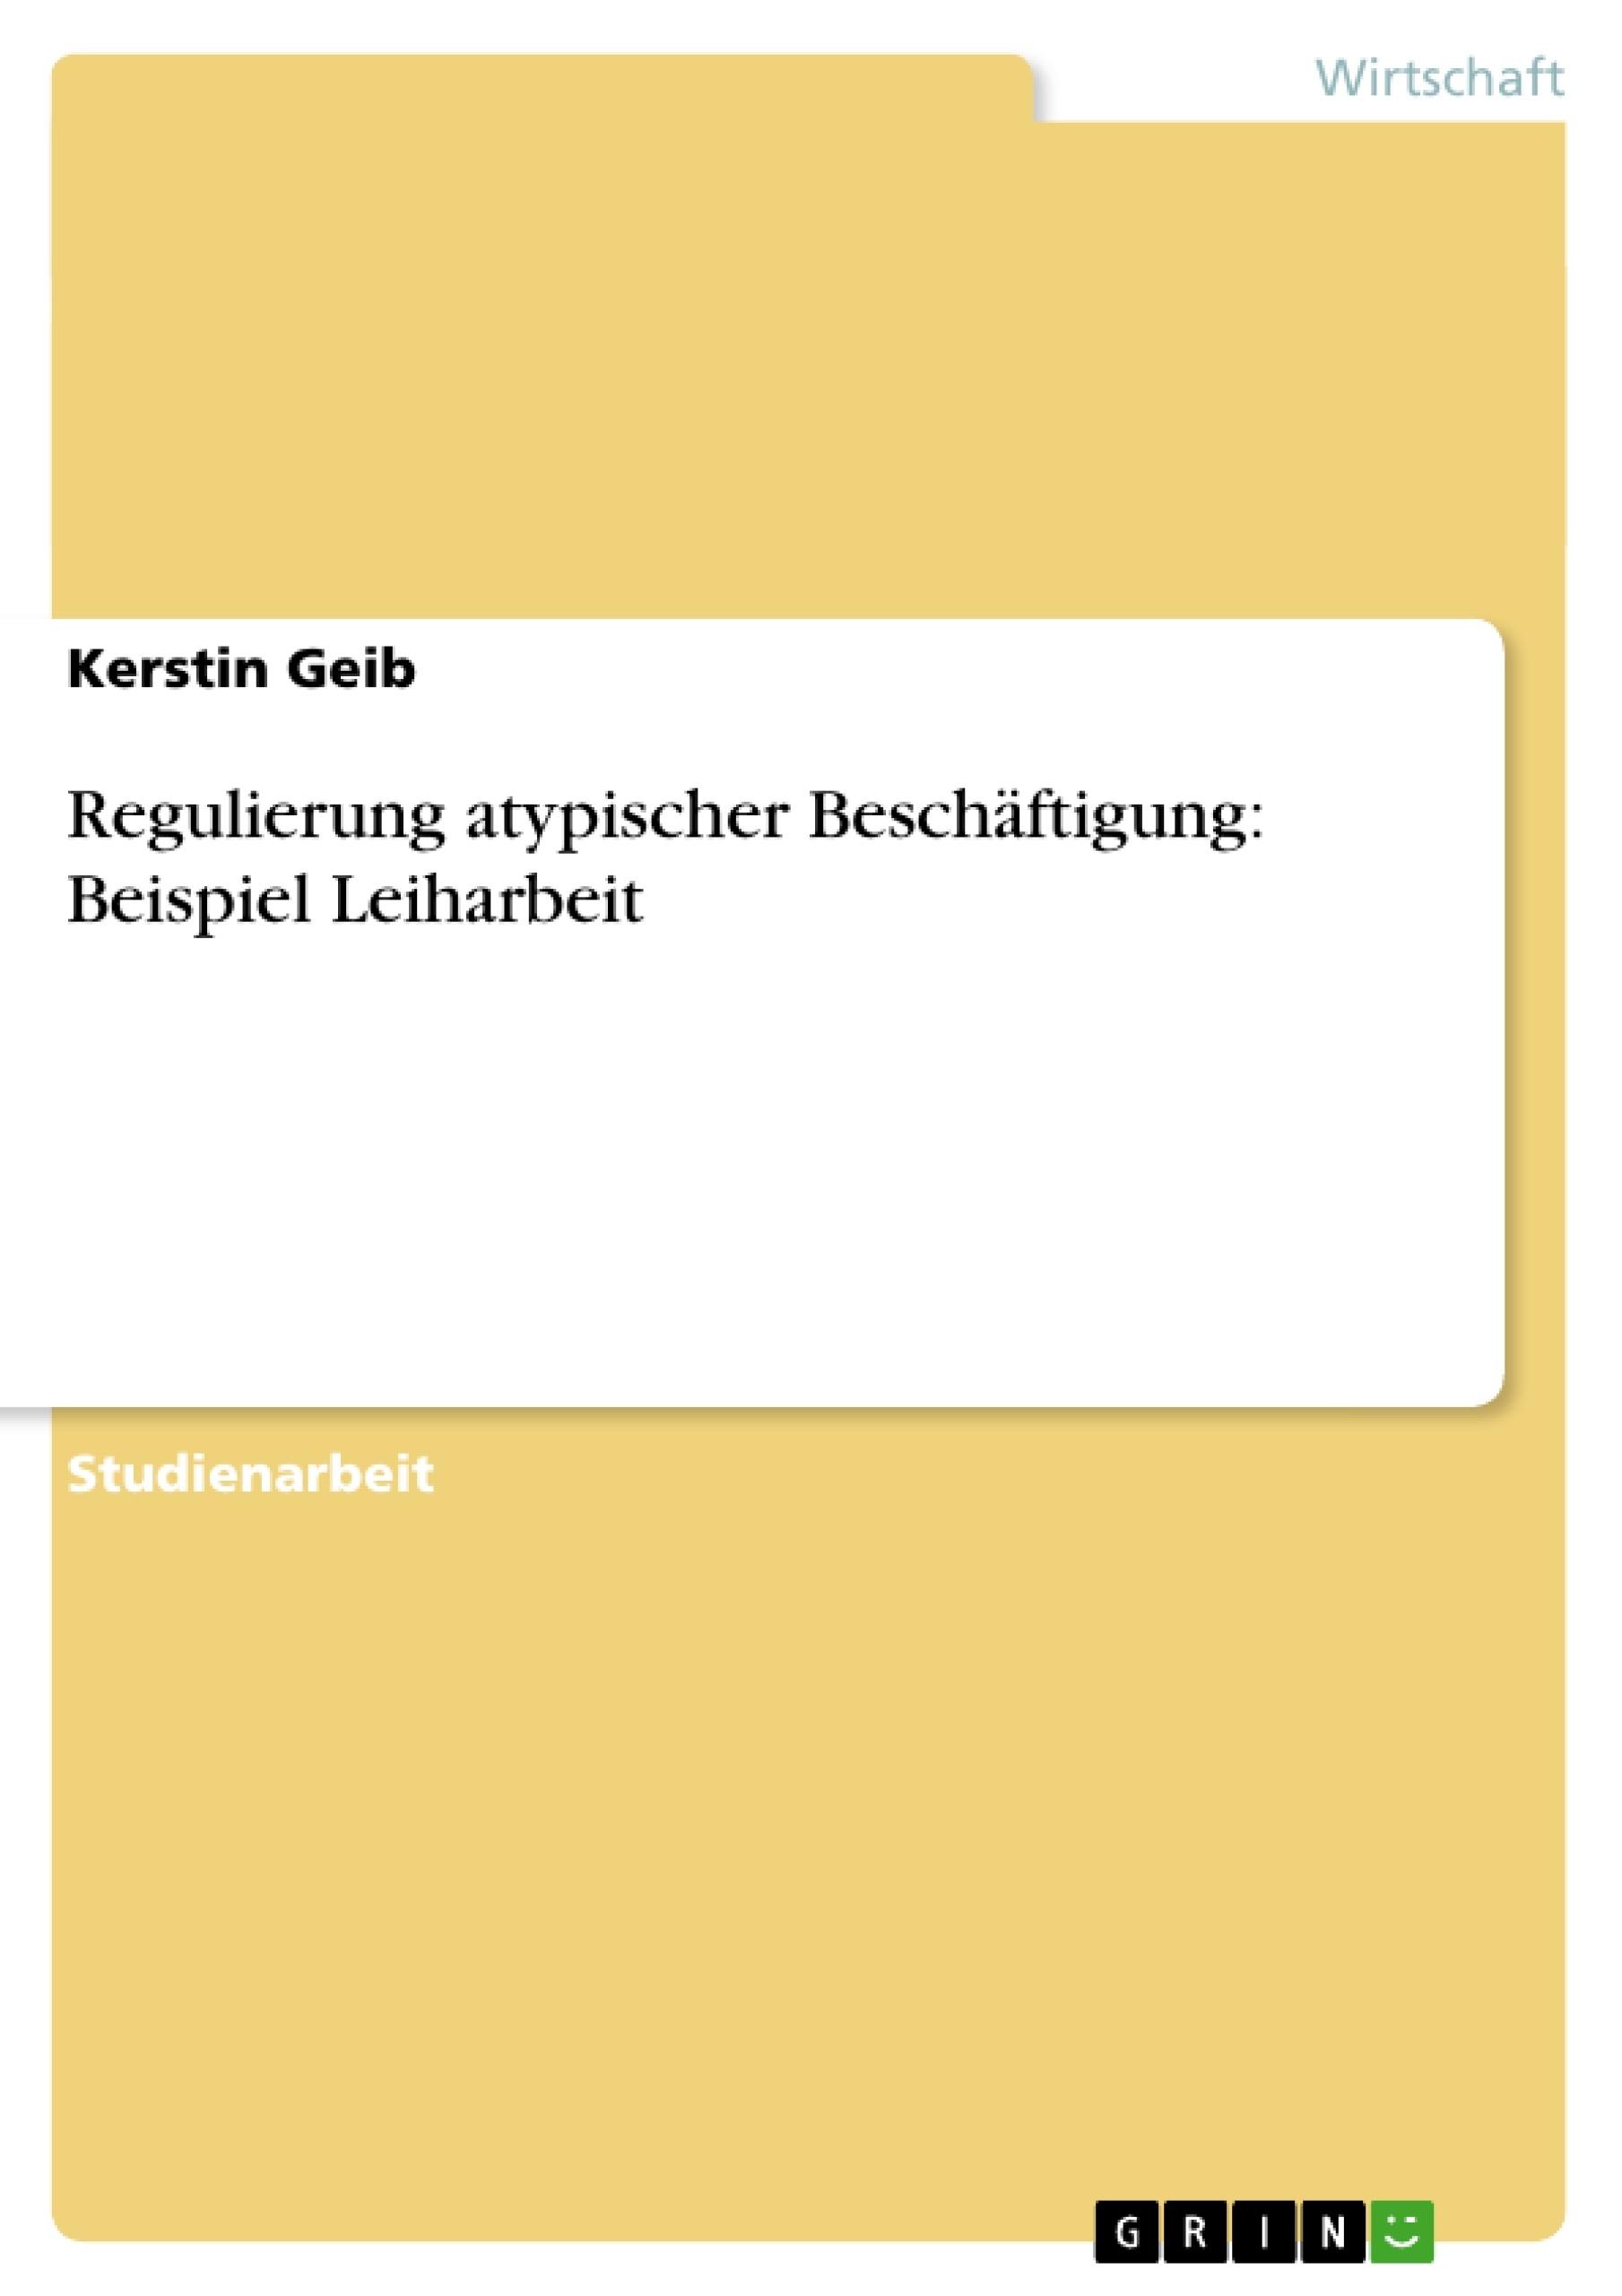 Titel: Regulierung atypischer Beschäftigung: Beispiel Leiharbeit